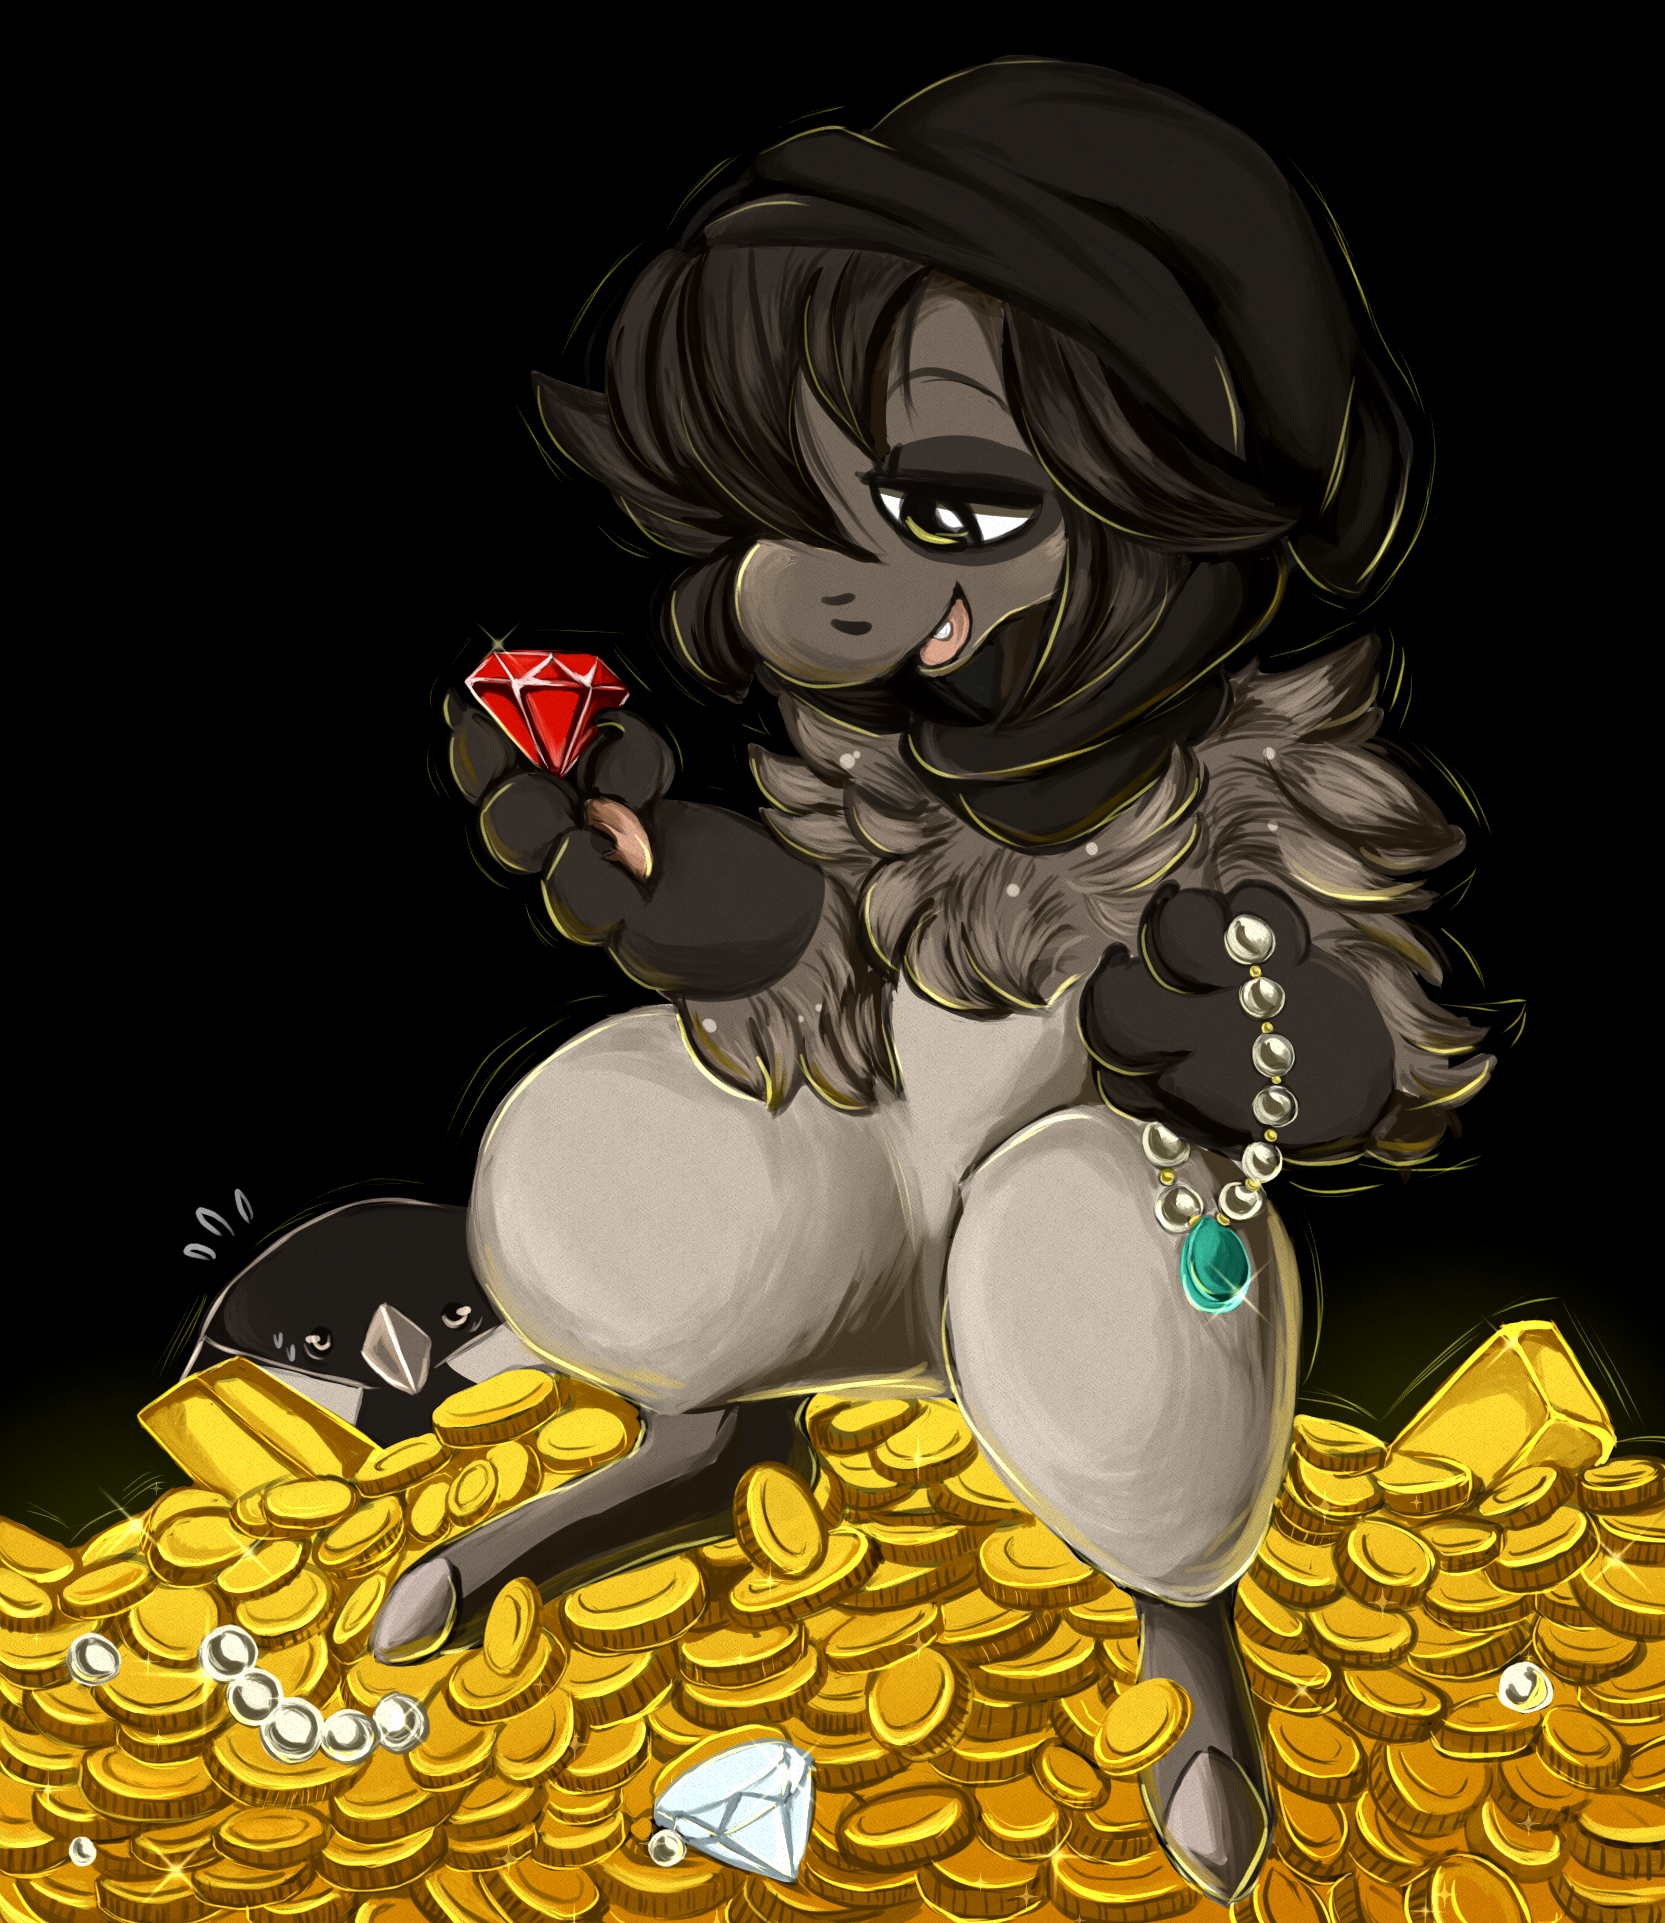 |Bagbeans|: Treasure Trove (Gift Art)